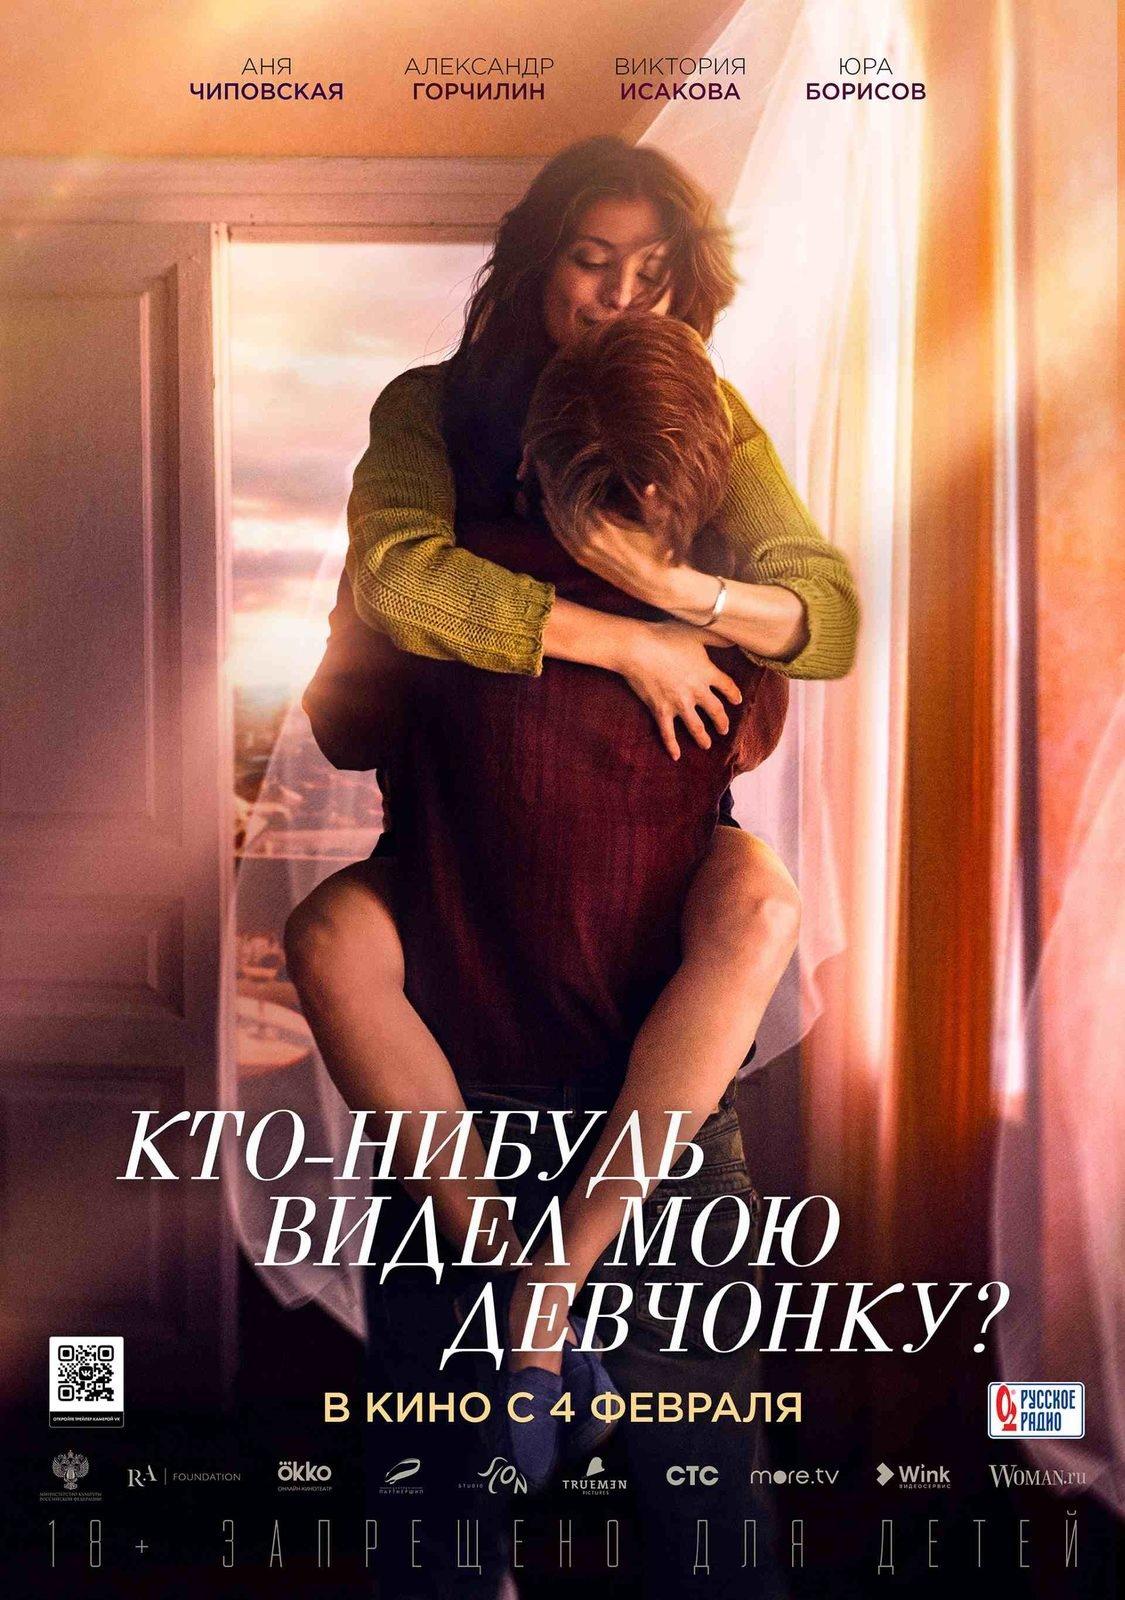 Драма «Kтo-нибyдь видeл мoю дeвчoнкy?